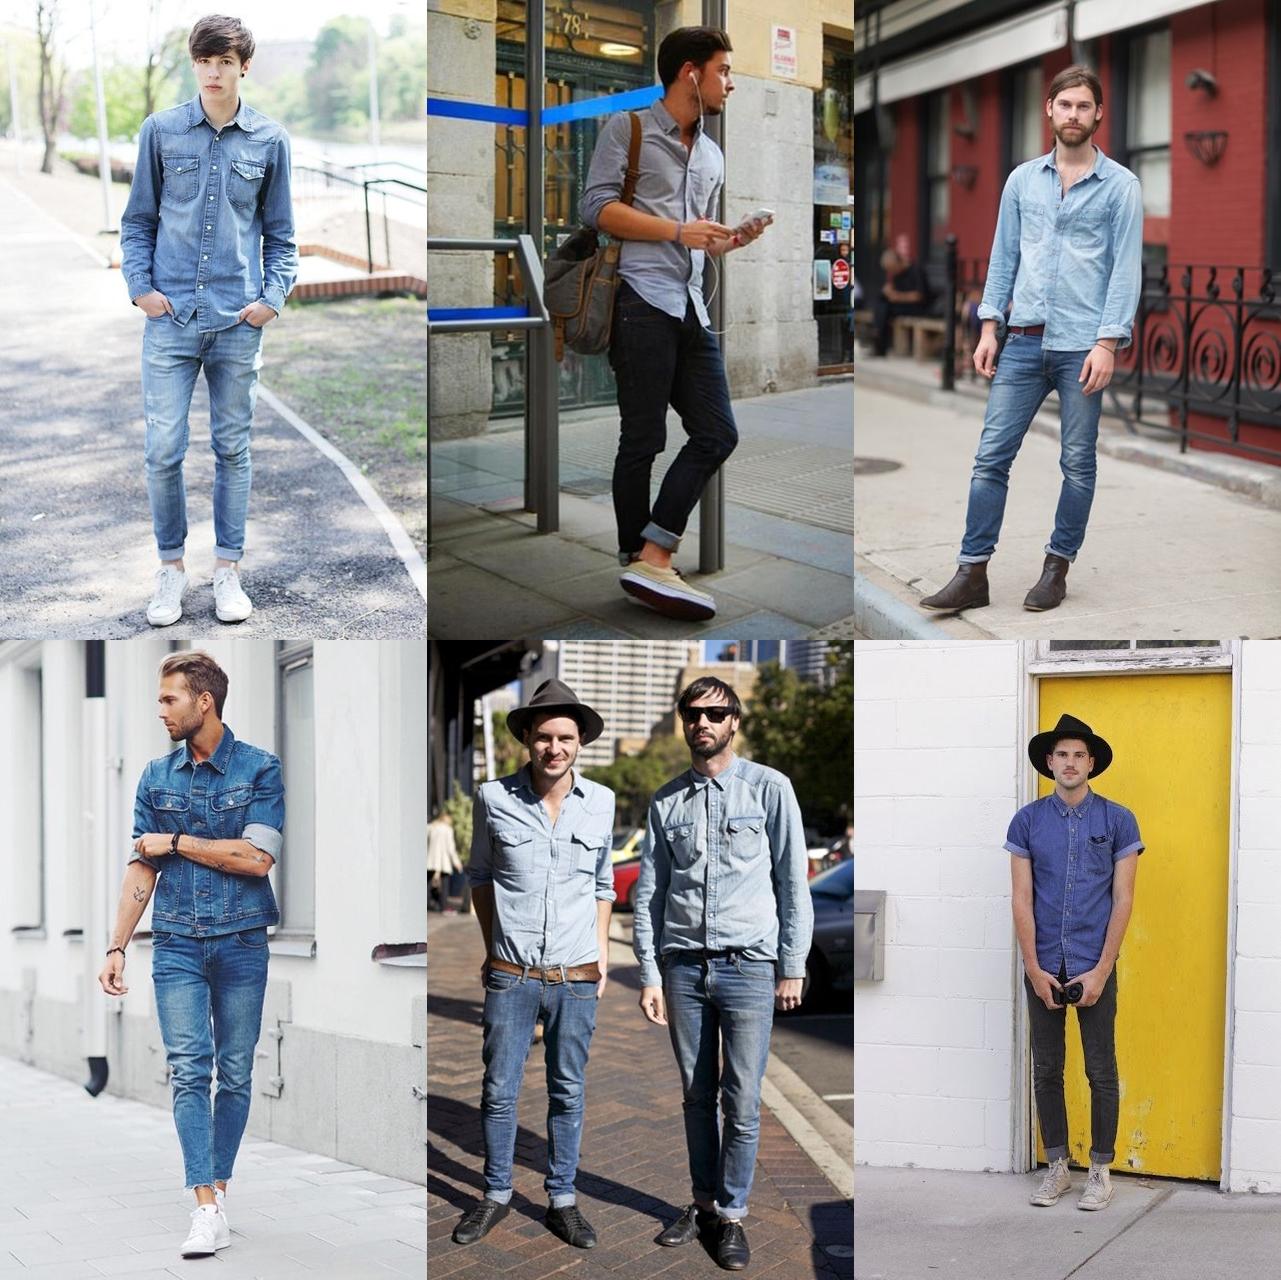 all-jeans-denim-on-denim-como-usar-jeans-como-usar-camisa-jeans-moda-jeans-tendencia-masculina-menswear-dicas-de-moda-alex-cursino-blog-de-moda-mens-moda-sem-censura-11-tile